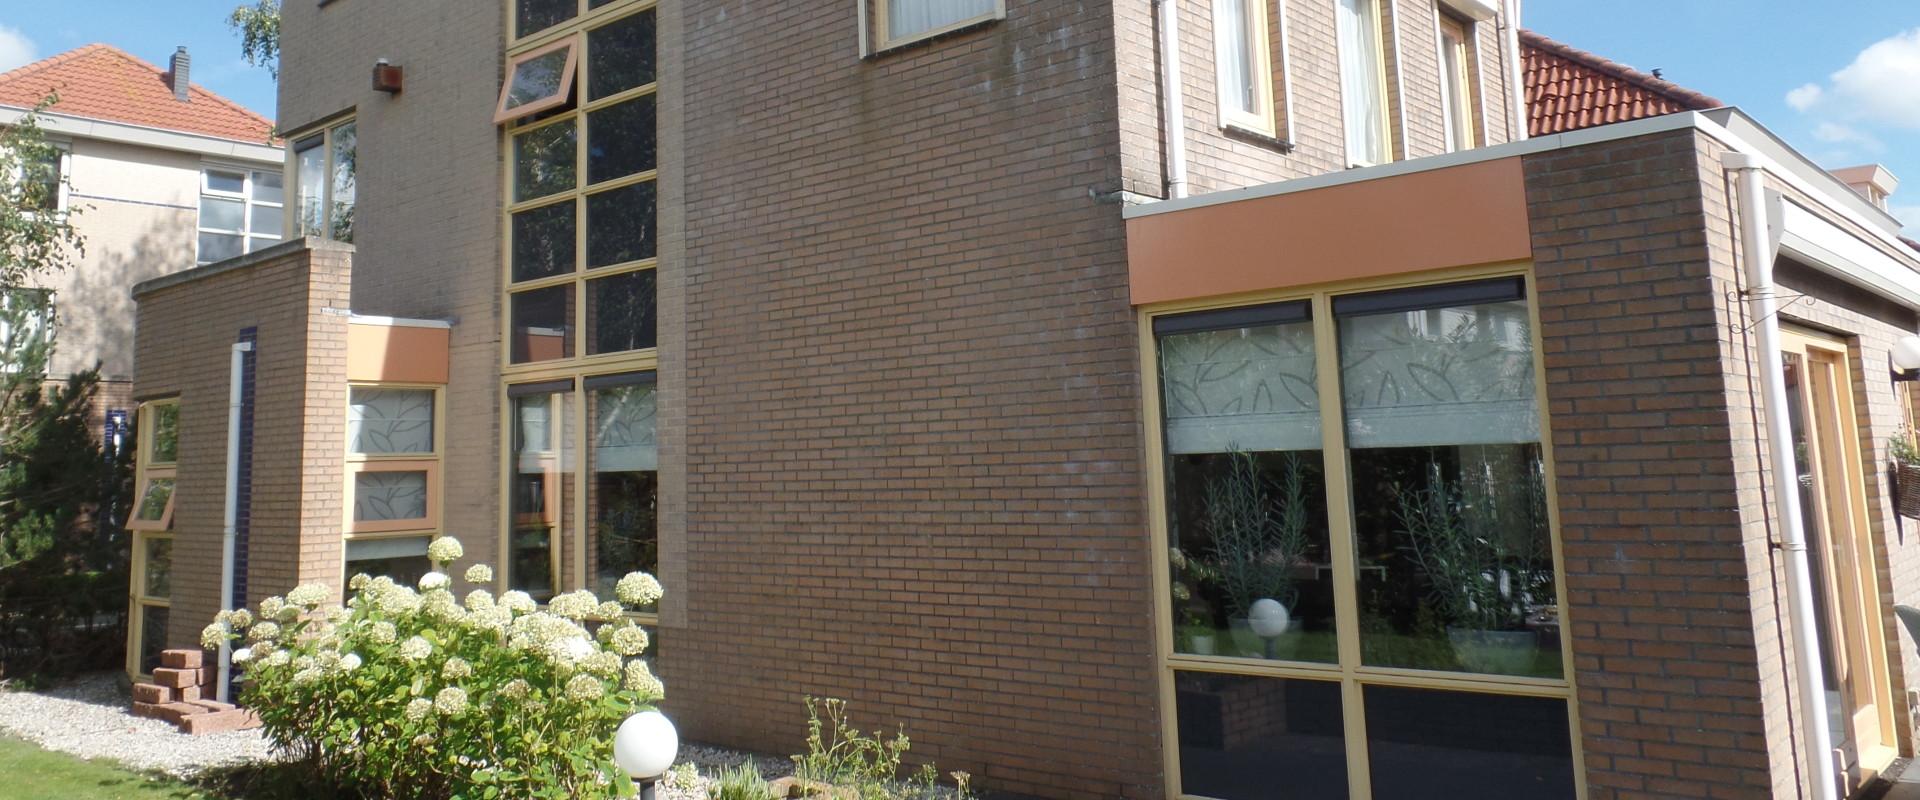 Vrijstaande woning te koop in het centrum van Spanbroek